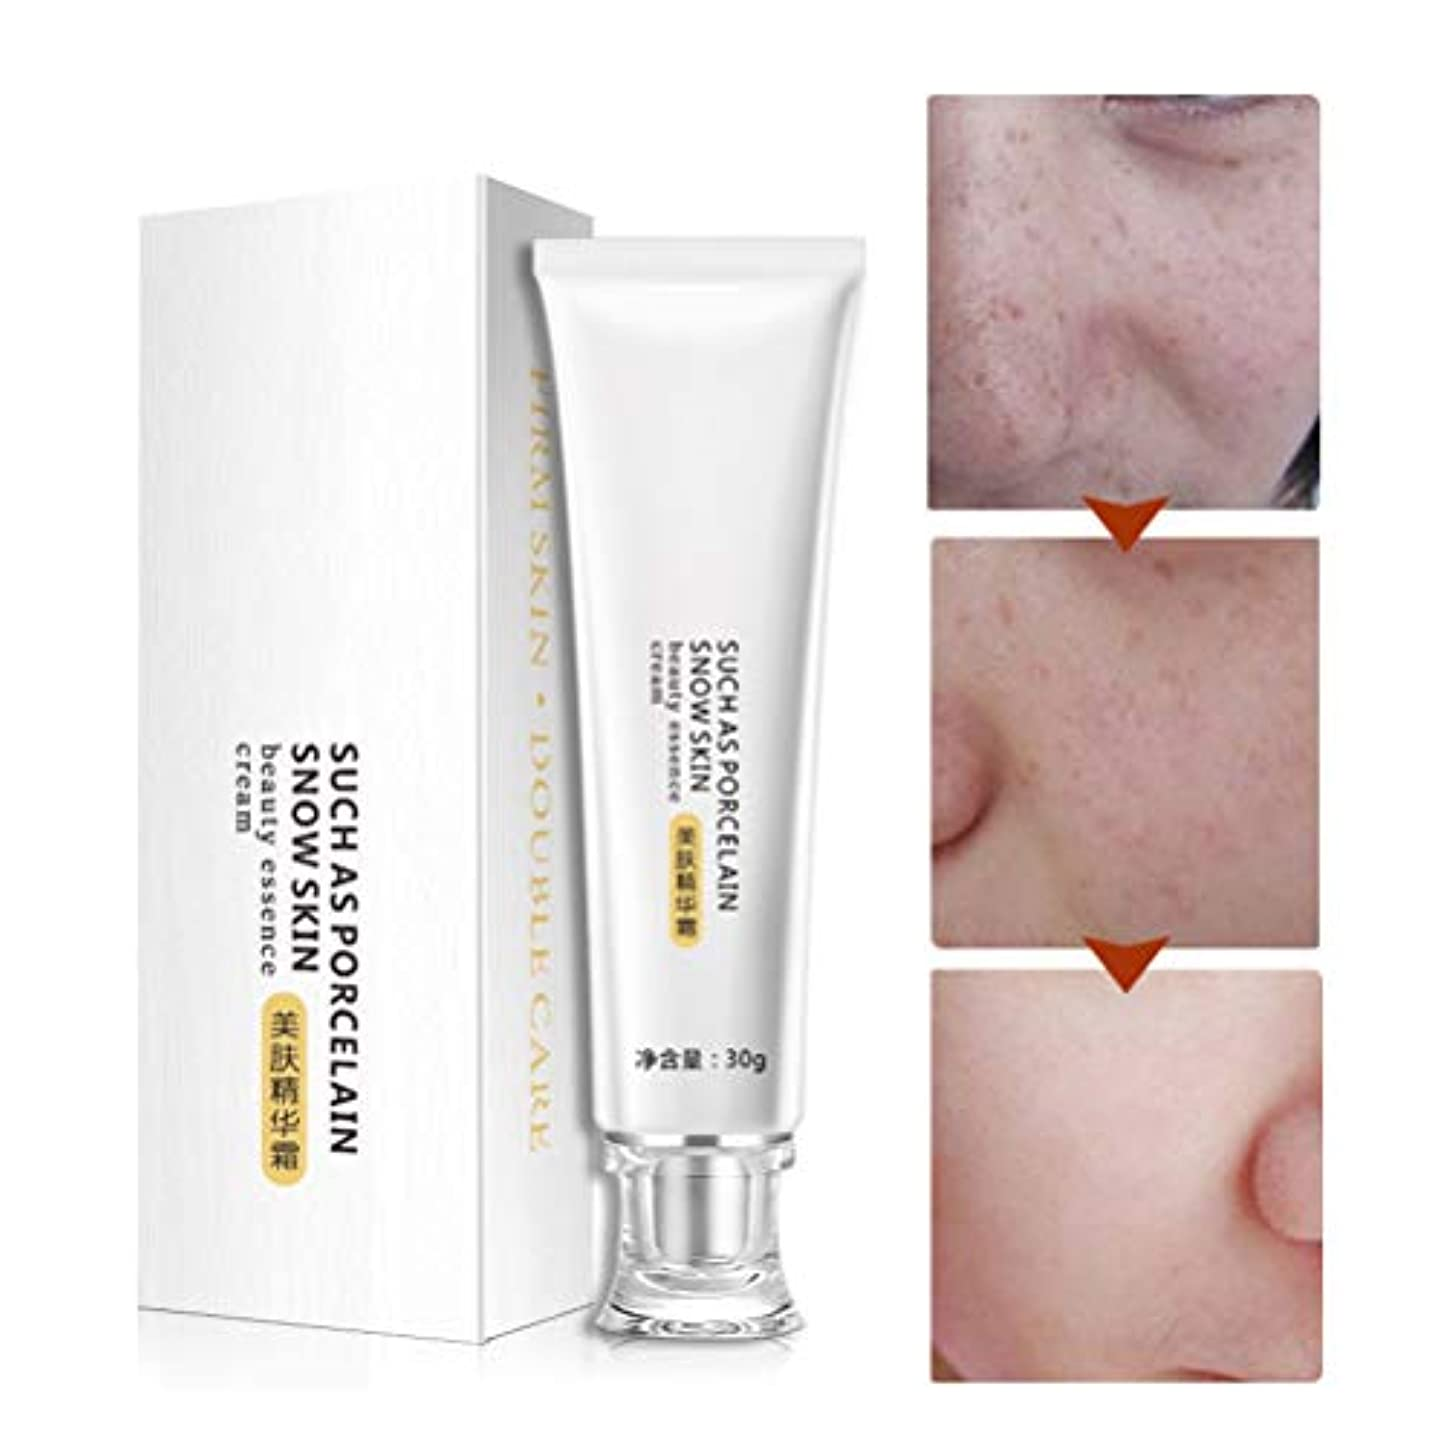 添加ベイビー対角線BTSMAT 暗い肌の全身のためのクリームの保湿のクリームを白くする強力な皮